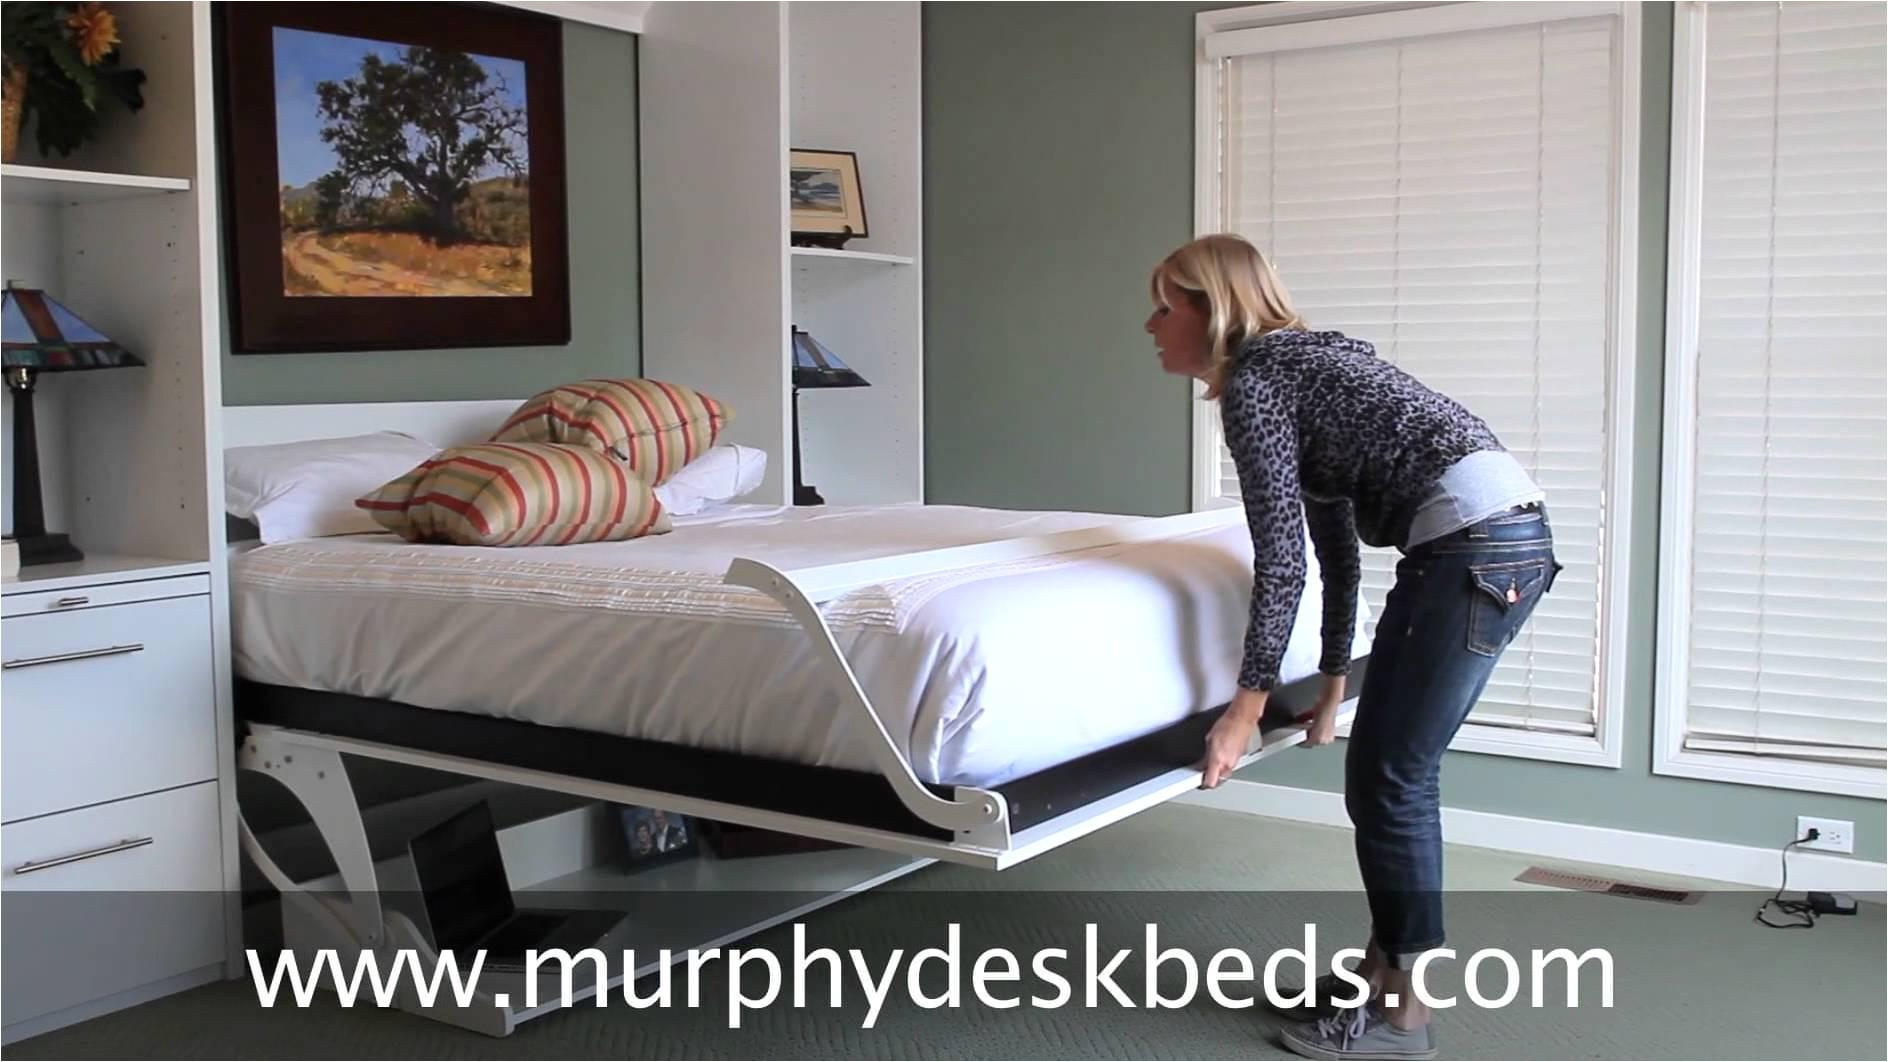 mattress baby beautiful queen murphy truett fabulous inspiring deskbeds vertical white with modern office desk trends and furniture